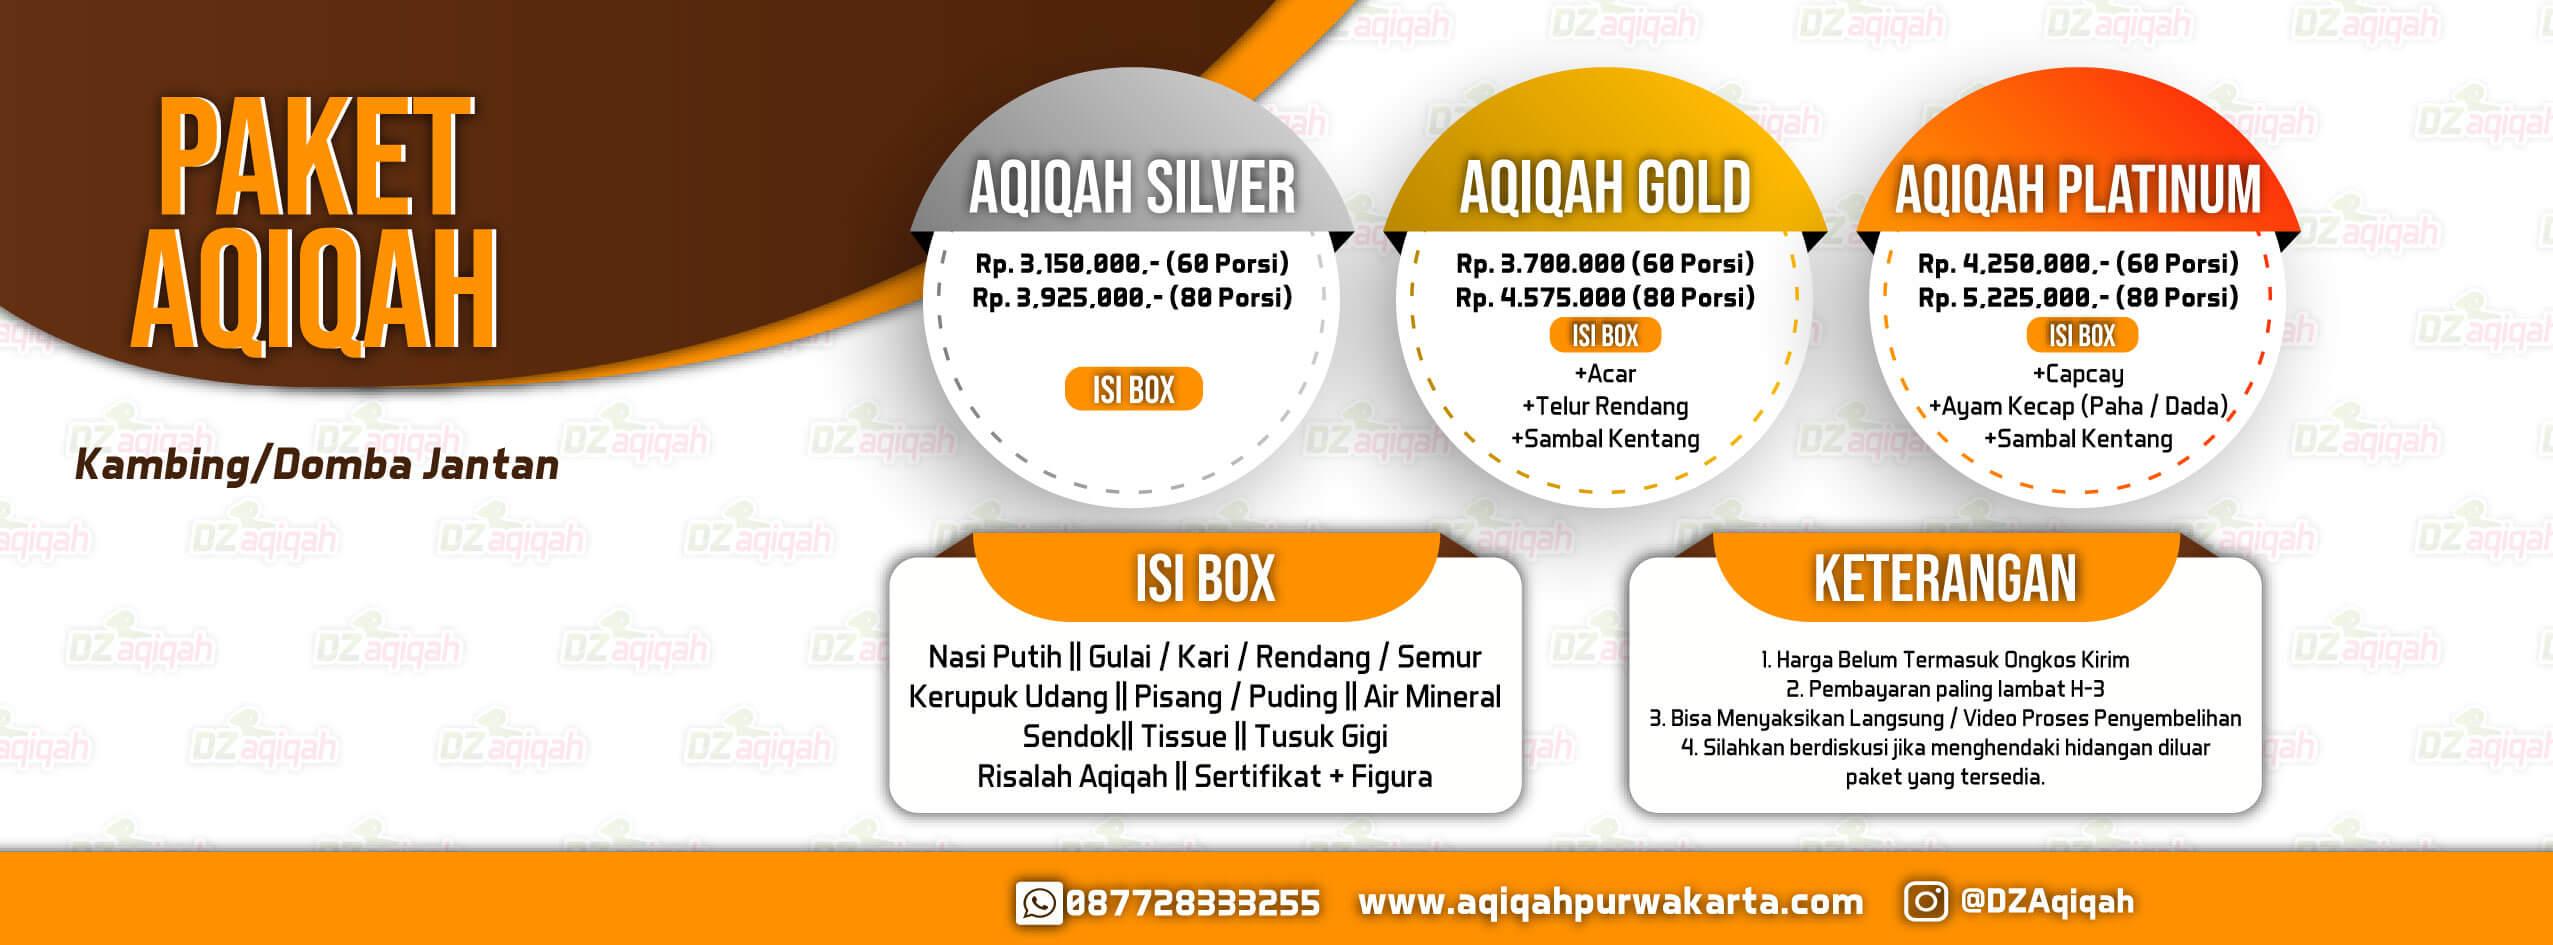 paket aqiqah terlengkap dan terbaik di Kabupaten purwakarta